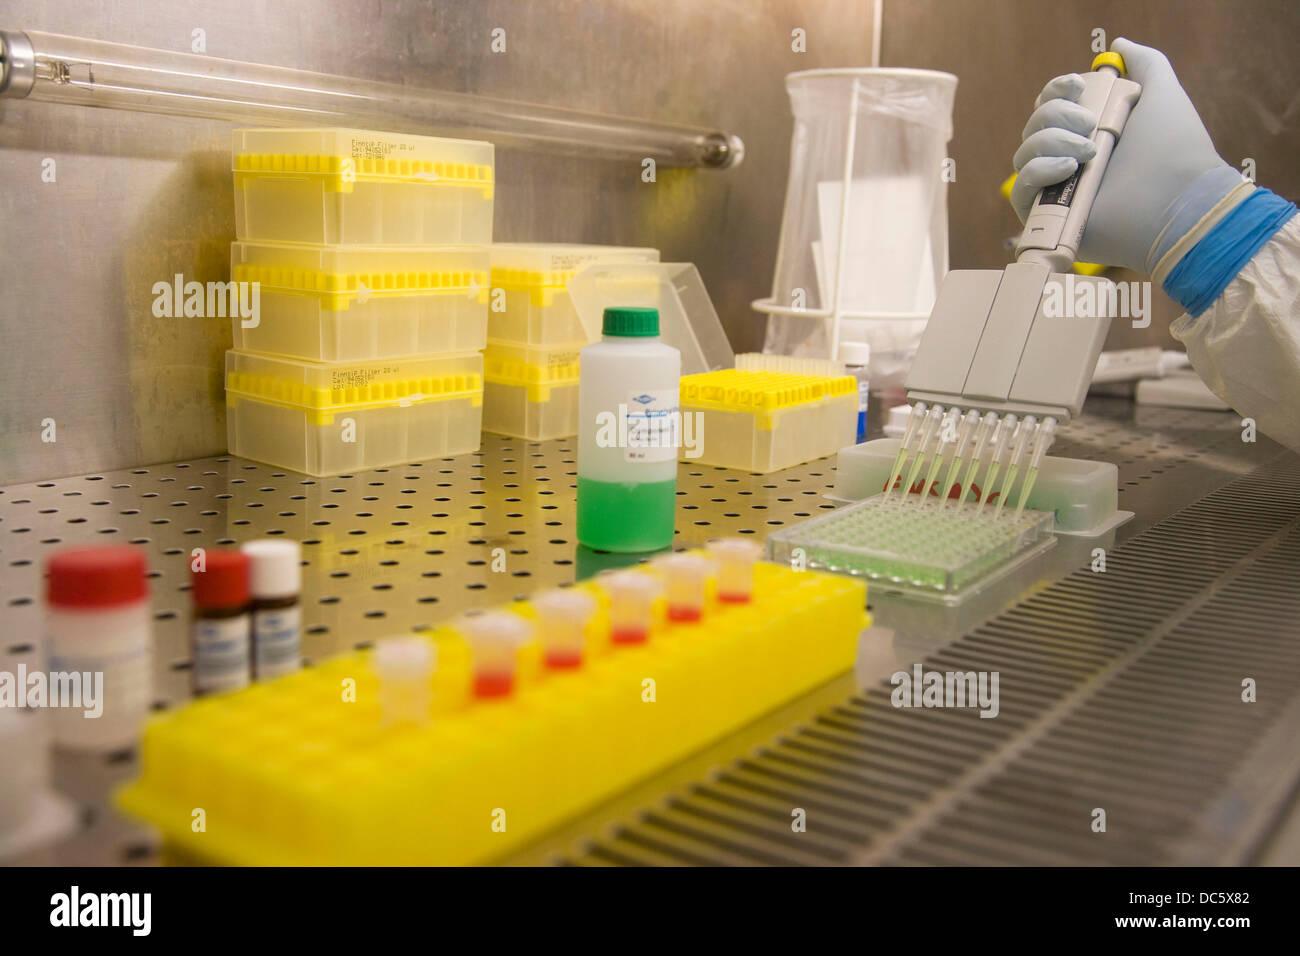 ELISA plate and finnpipette, Laboratory of Bacteriology, Departamento de Producción y Sanidad Animal, Neiker - Stock Image